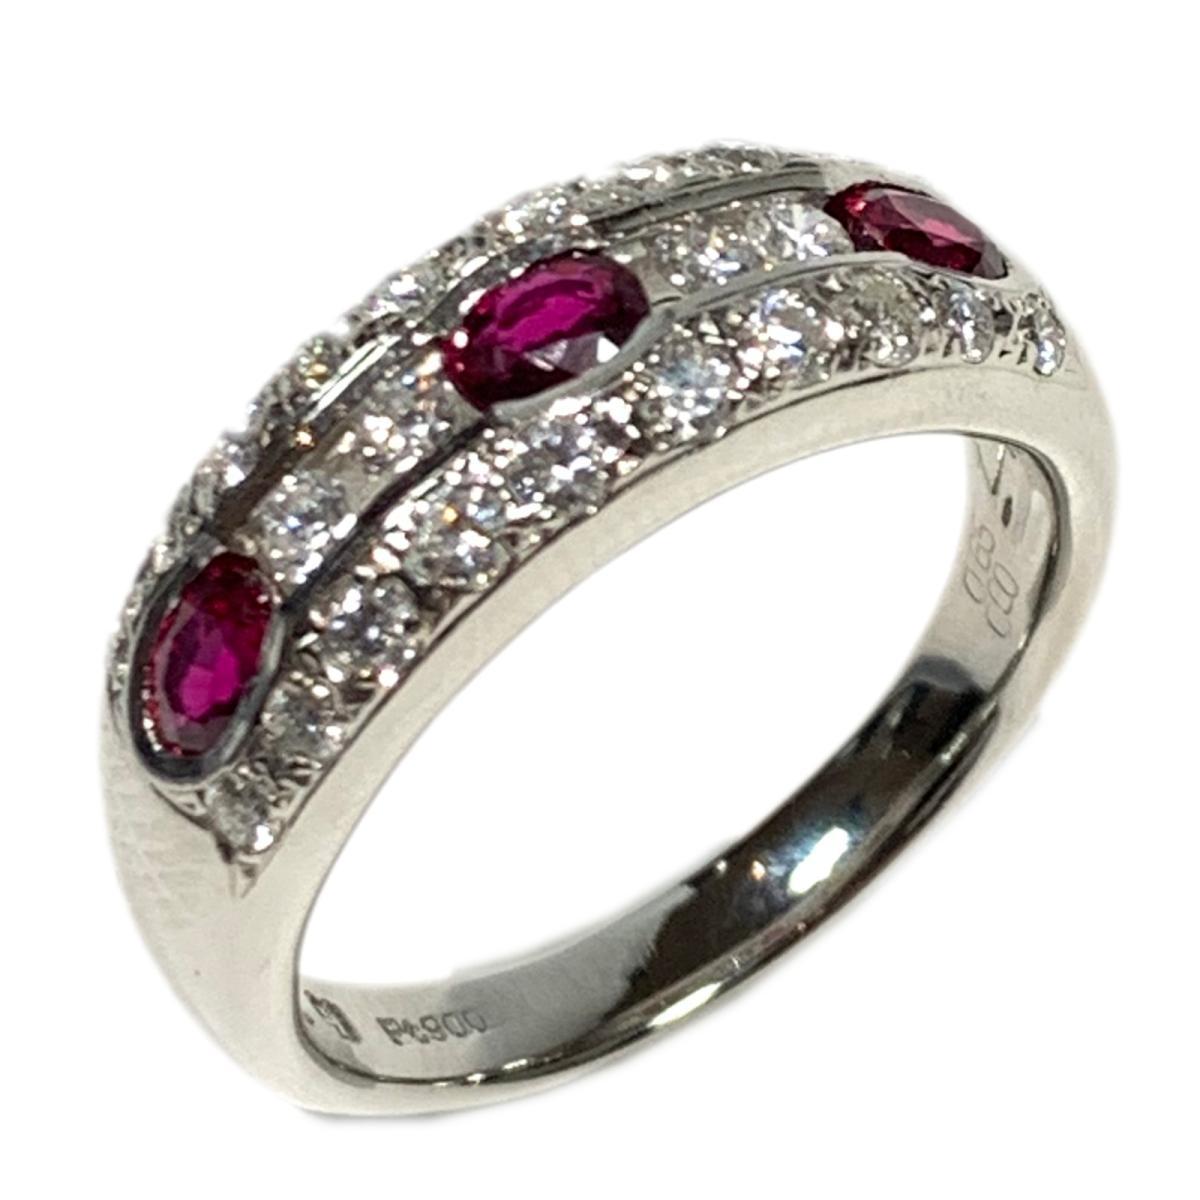 【中古】ジュエリー ルビー リング 指輪 レディース PT900 プラチナ x 0.65ct ダイヤモンド 0.60ct シルバー | JEWELRY BRANDOFF ブランドオフ ブランド ジュエリー アクセサリー